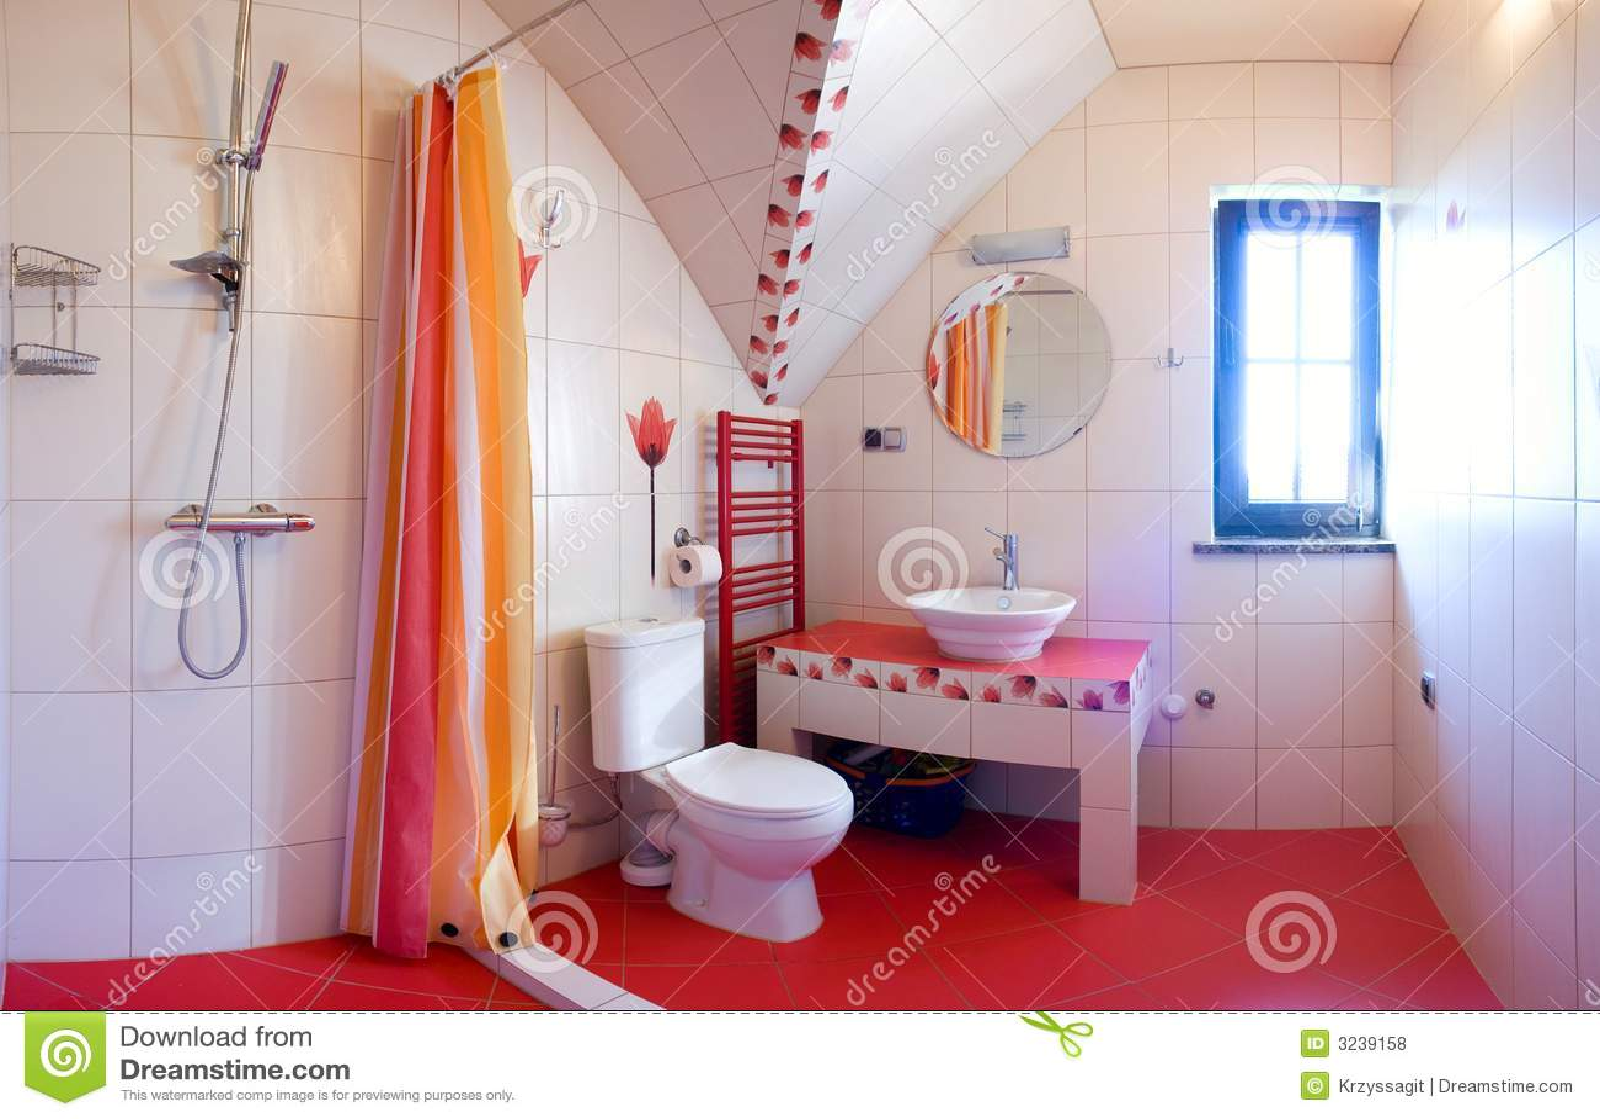 Banheiro Vermelho Fotos de Stock Royalty Free Imagem: 3239158 #AE571D 1300x926 Acessorios Banheiro Vermelho